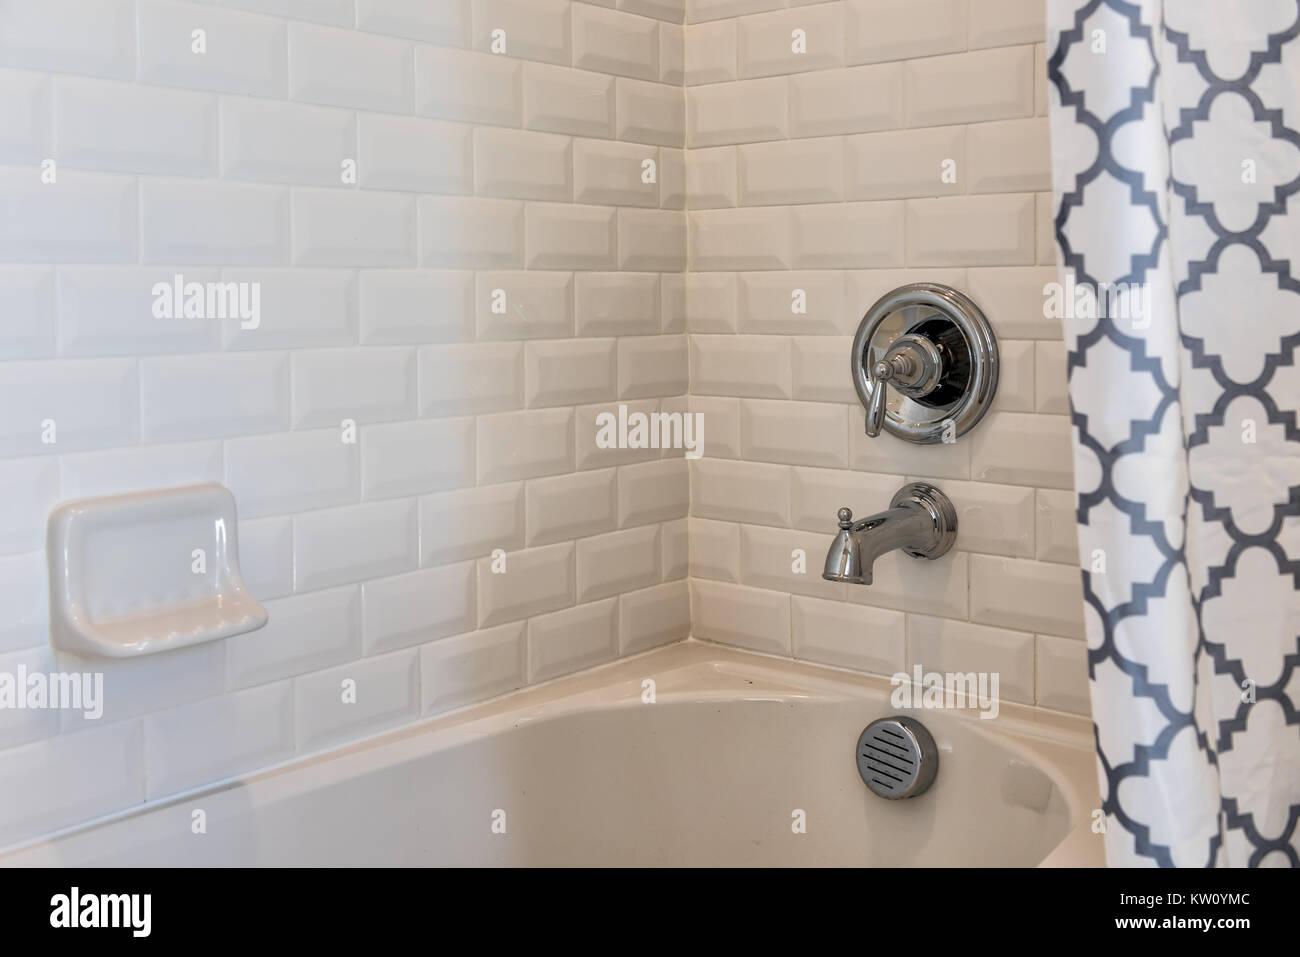 Bagno con tenda doccia tende doccia accessori bagno con tenda per vasca da bagno e tende tende - Tende vasca da bagno ikea ...